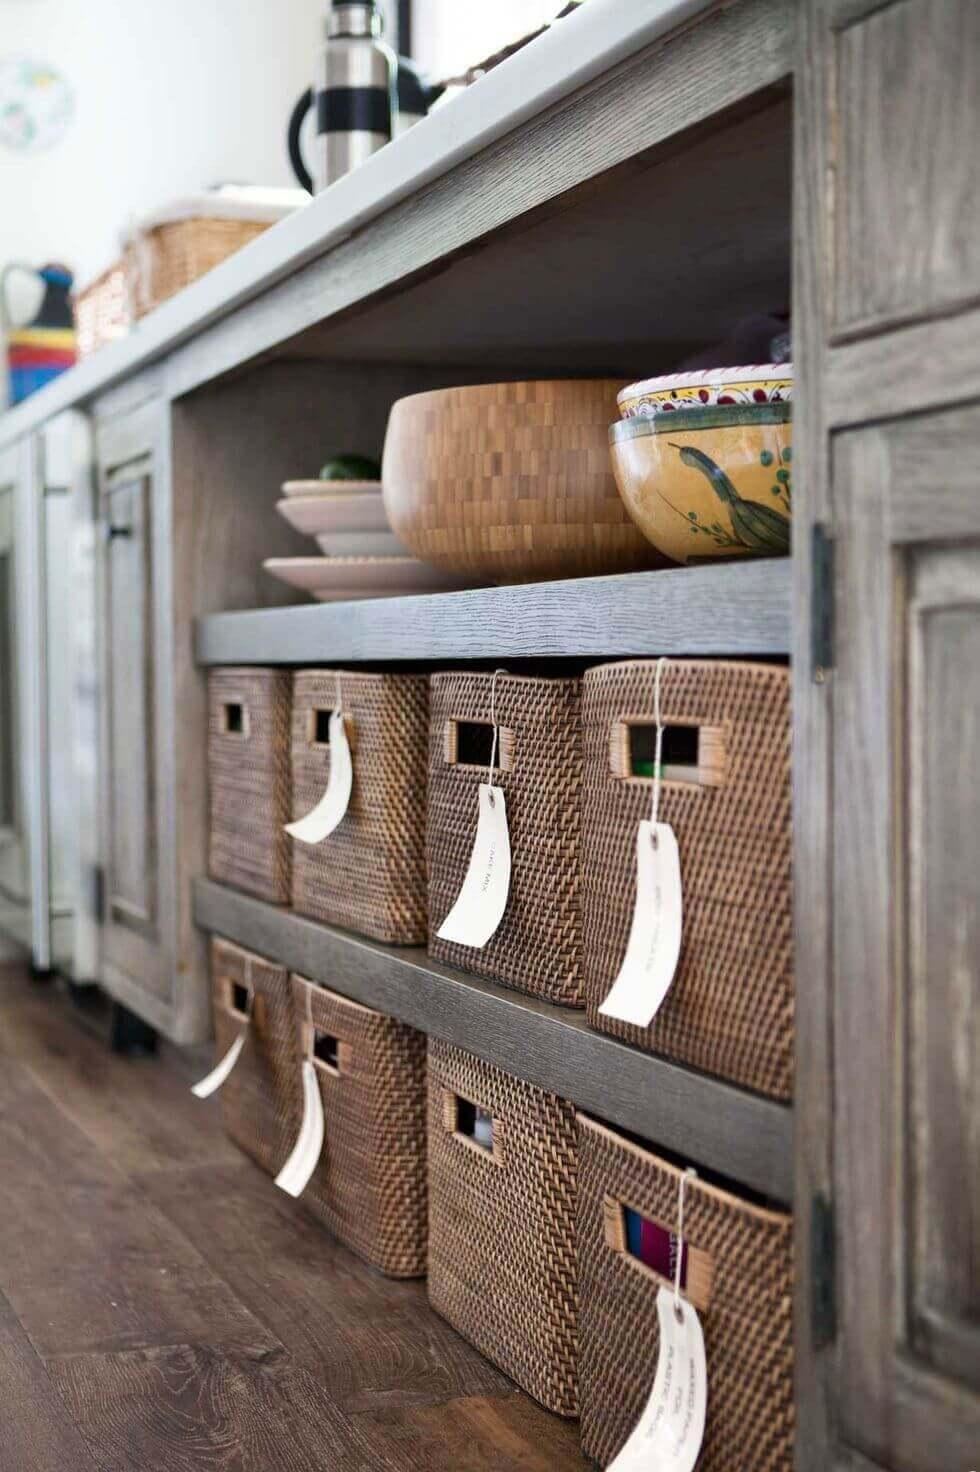 Kitchen Storage Ideas 27 Fill Up Bins